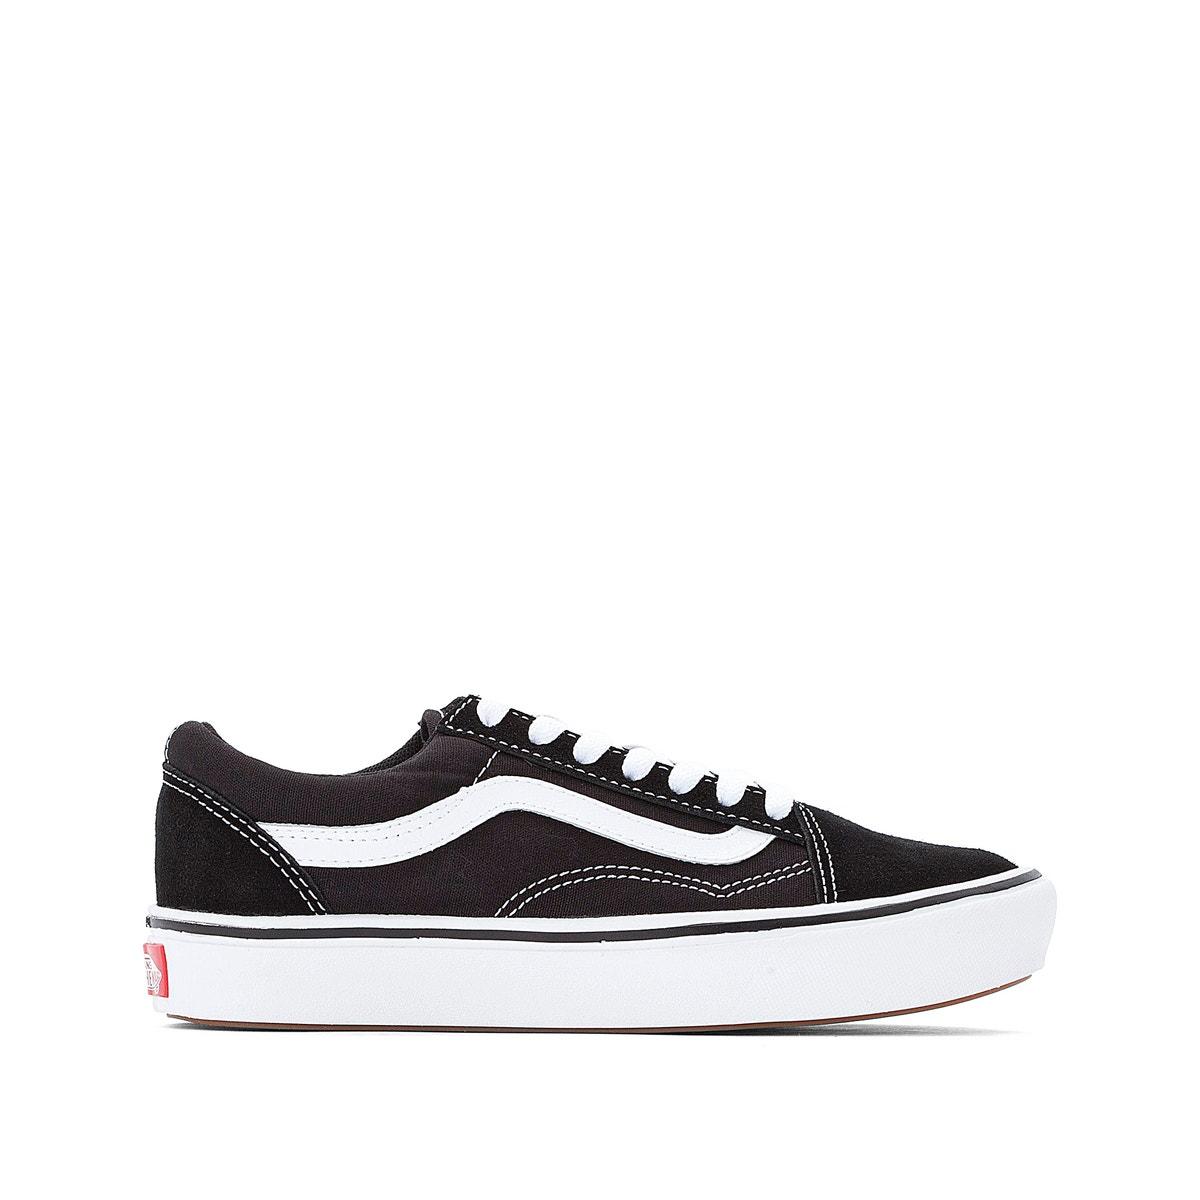 Vans - Vans Sneakers ComfyCush Old Skool 350151237 - 6527